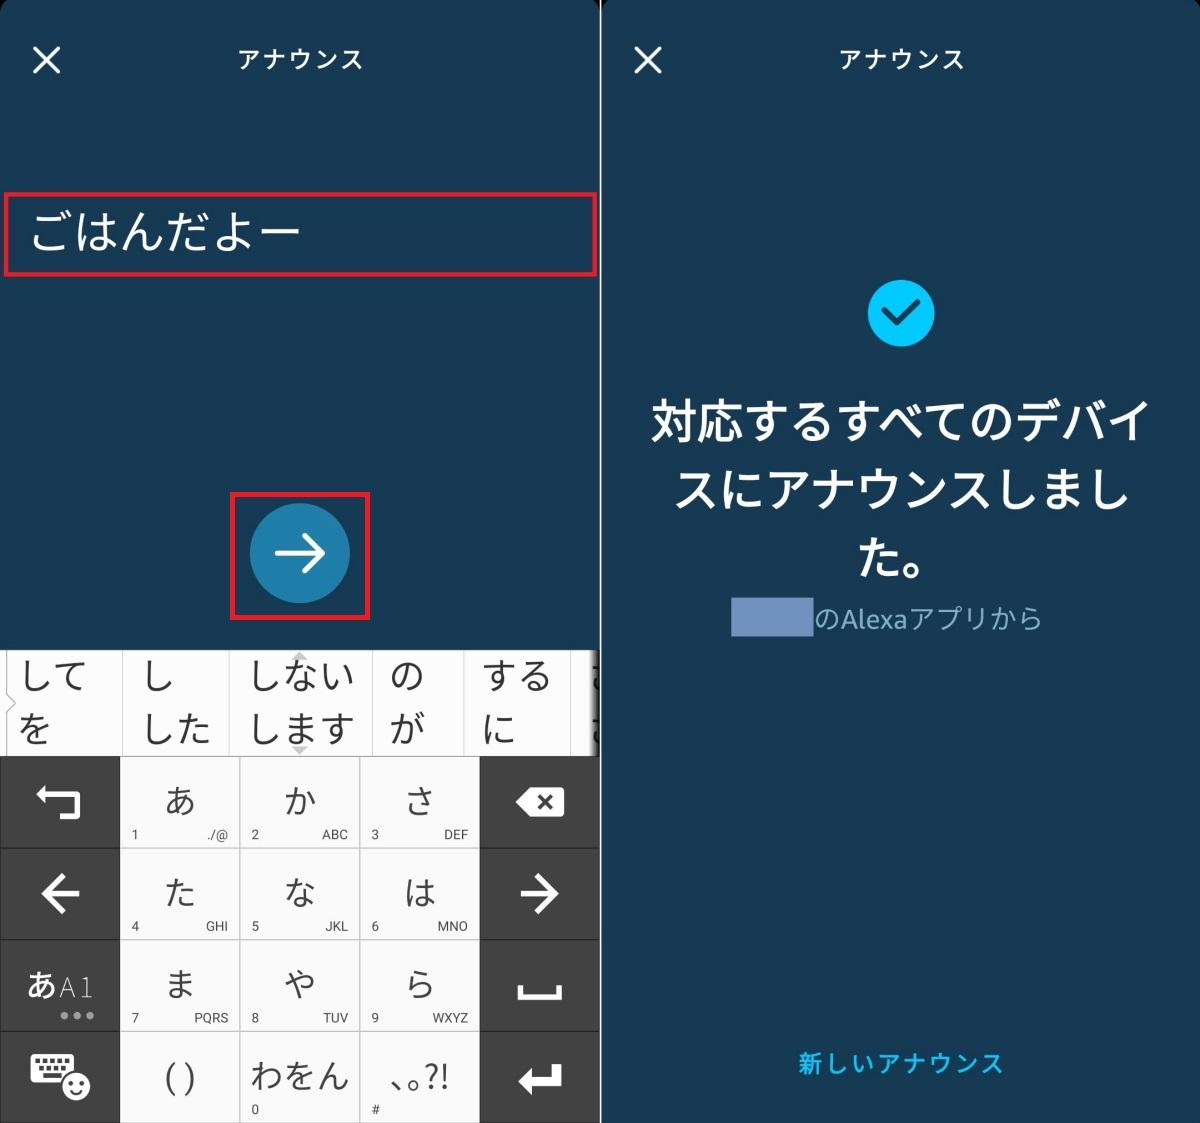 Alexaアプリのアナウンスにテキストを入力する